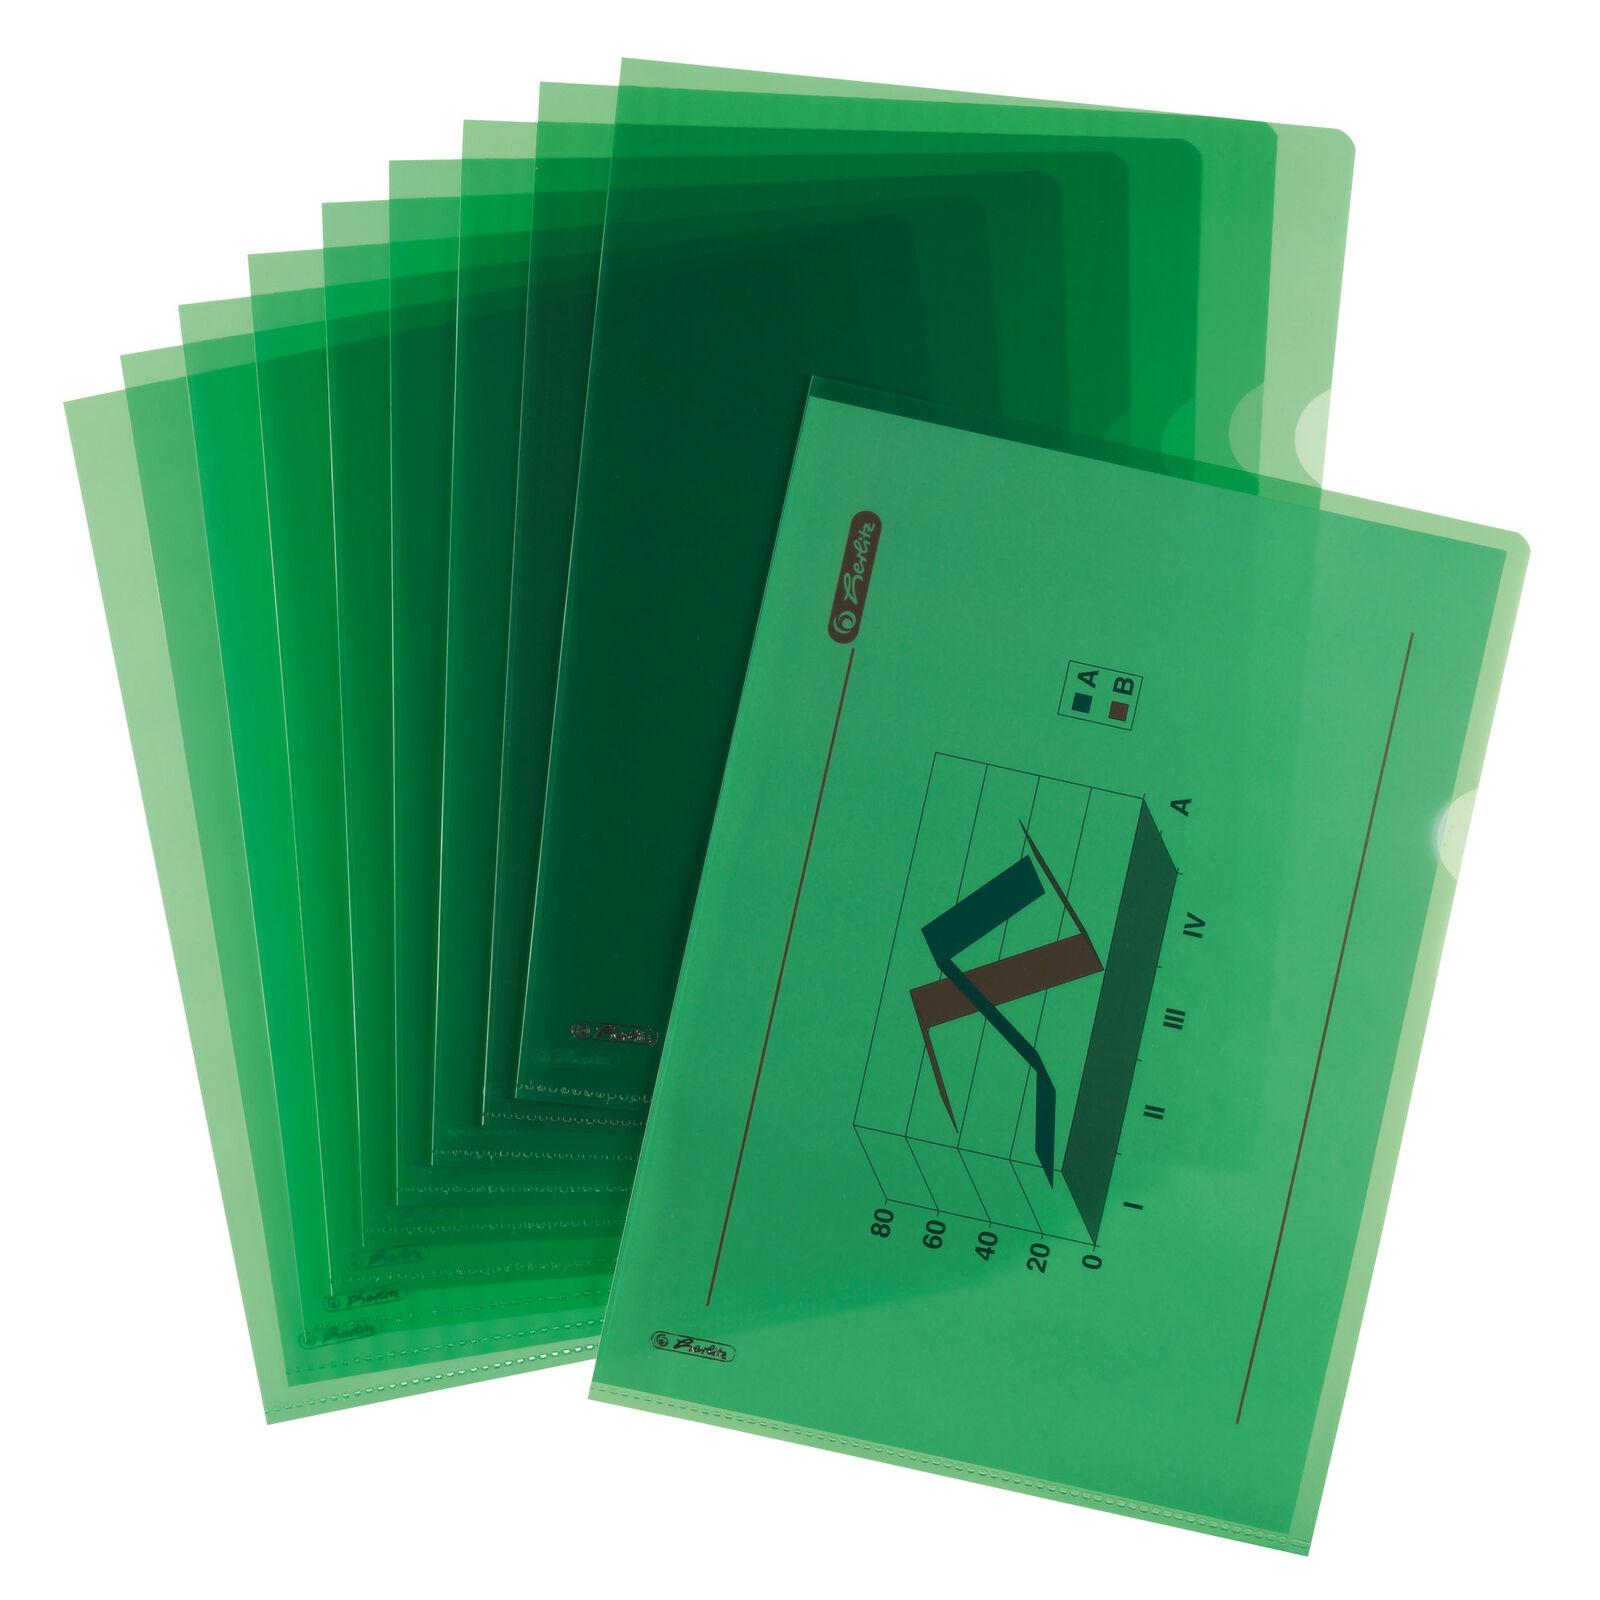 10 Aktenhüllen A4 Sichthüllen PP Dokumentenhüllen oben+rechts offen 190my